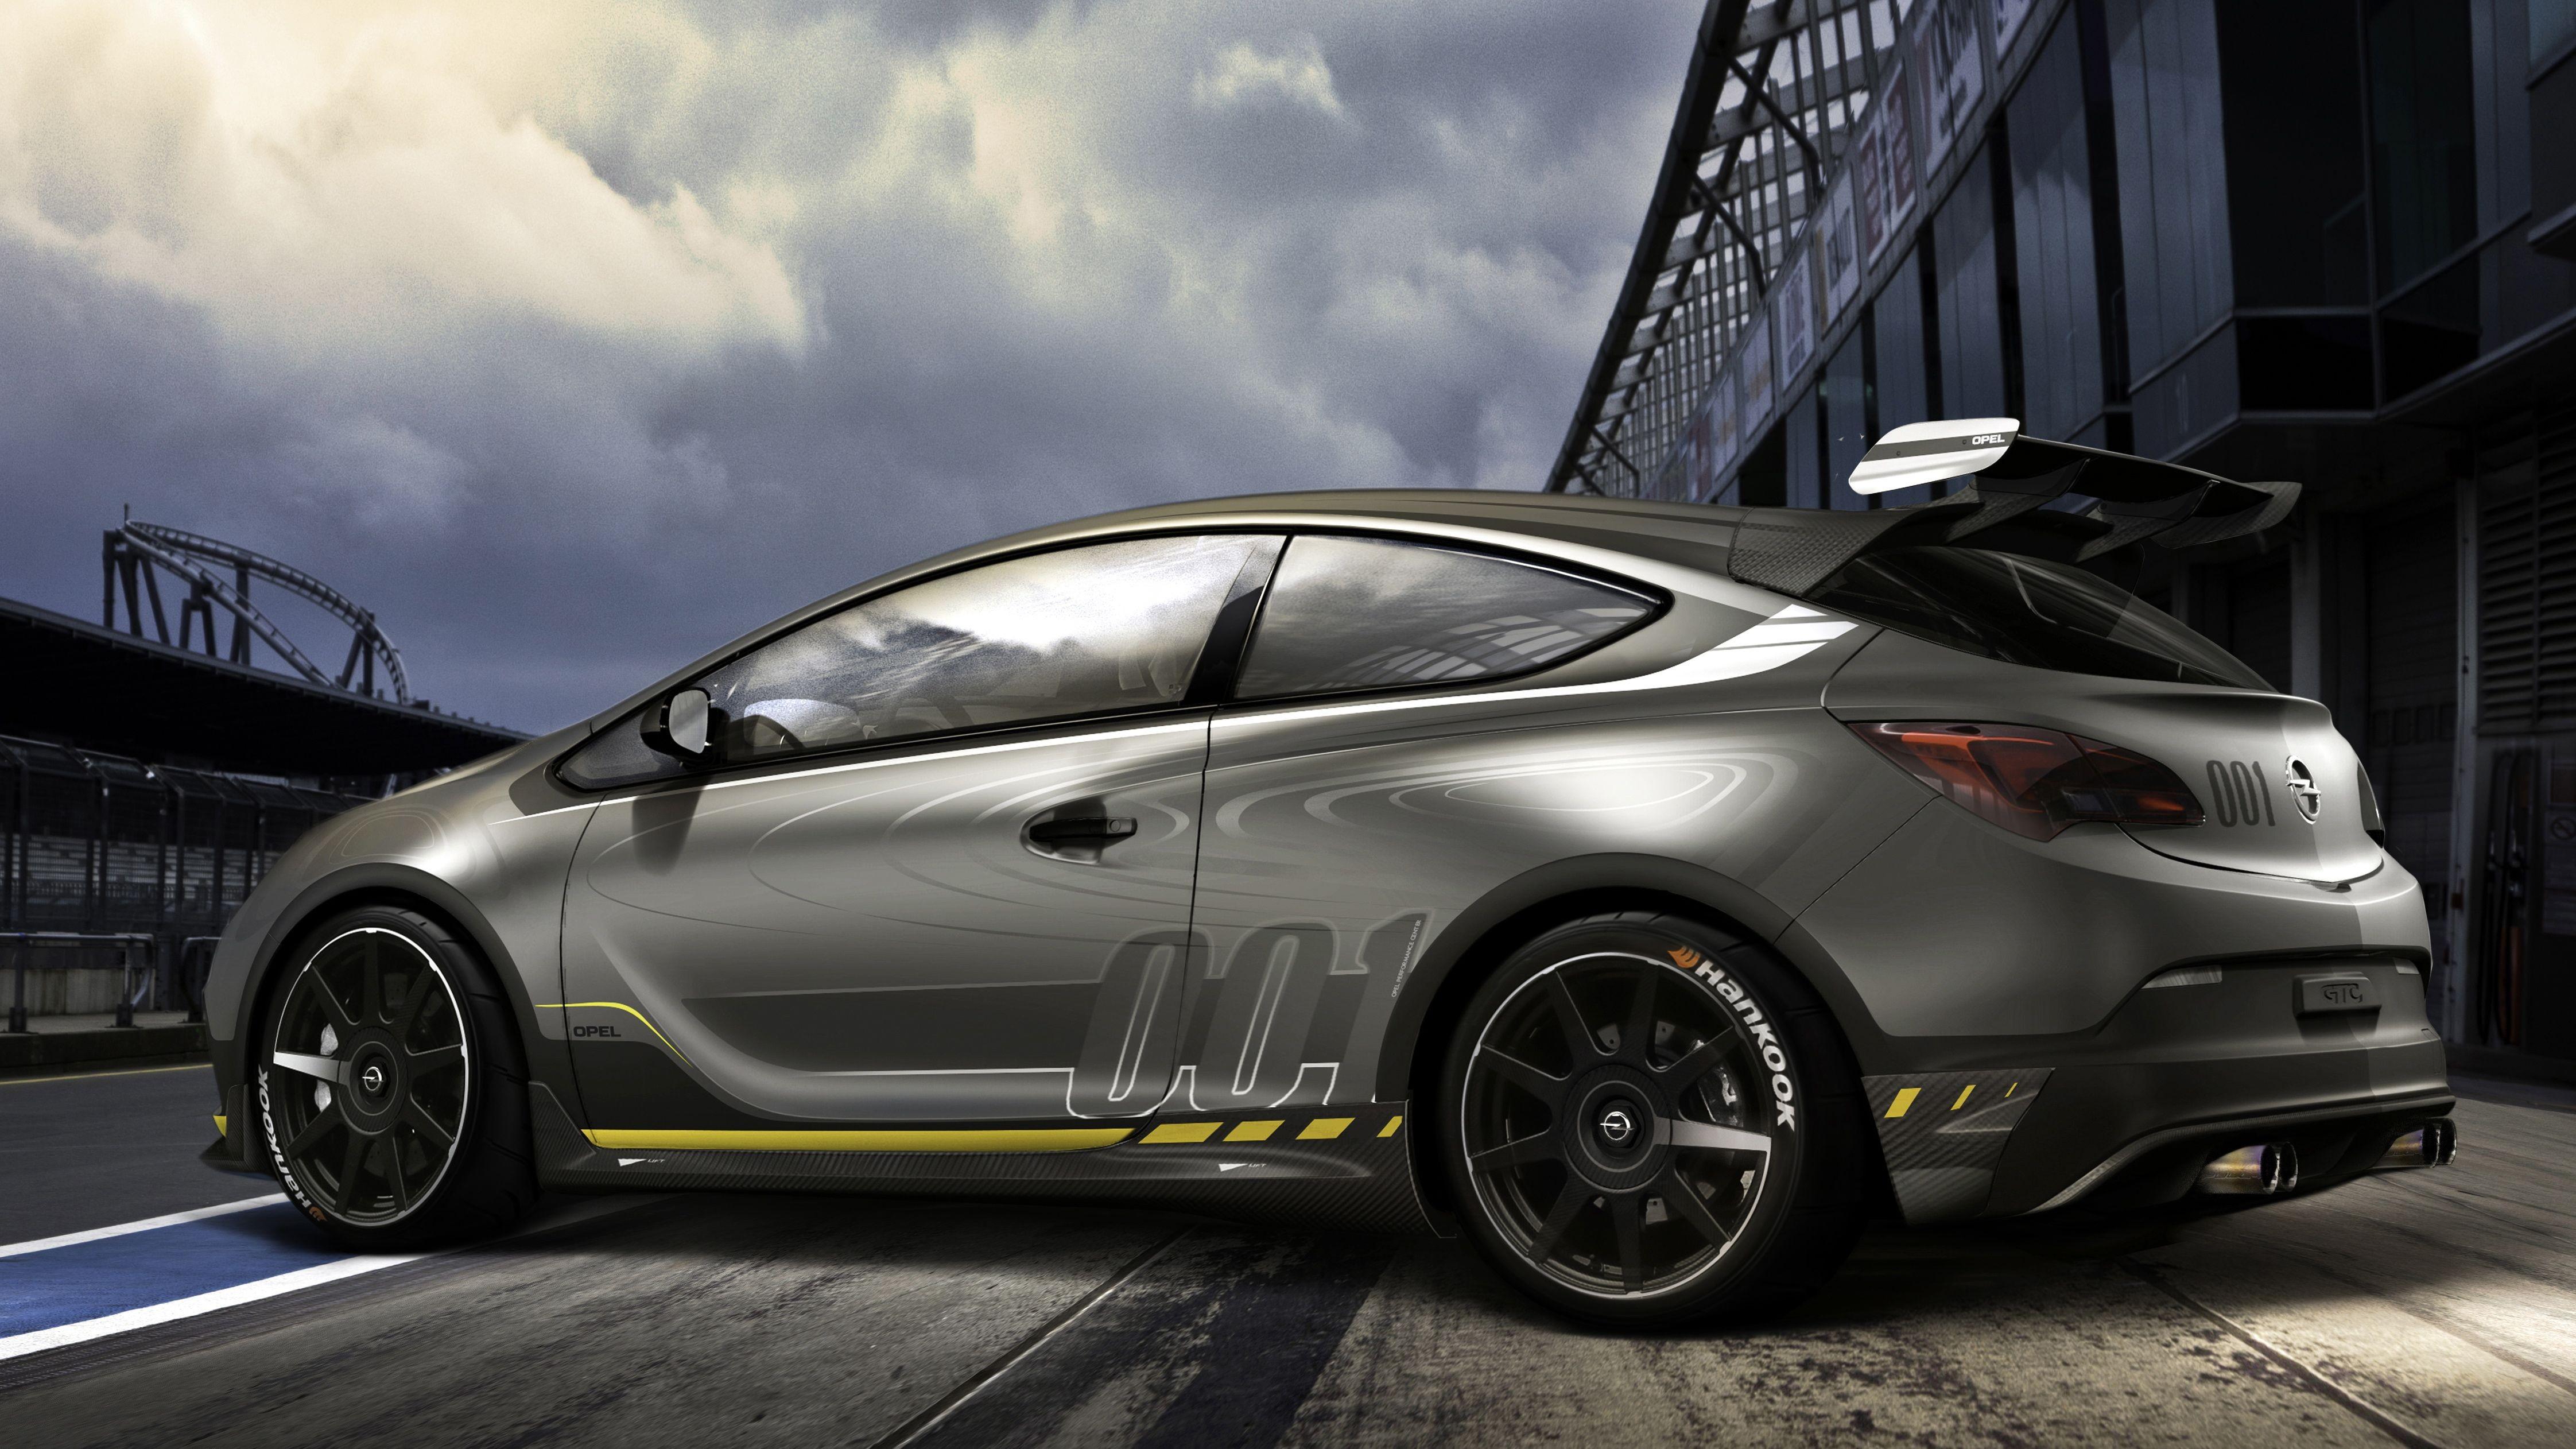 In gut einem Monat beginnt der Genfer Autosalon und nach und nach lassen die Hersteller einen Blick hinter de Kulissen und die zu erwartenden Premieren zu. Bei Opel gelingt uns ein erste Blick auf den Opel Astra OPC EXTREME.